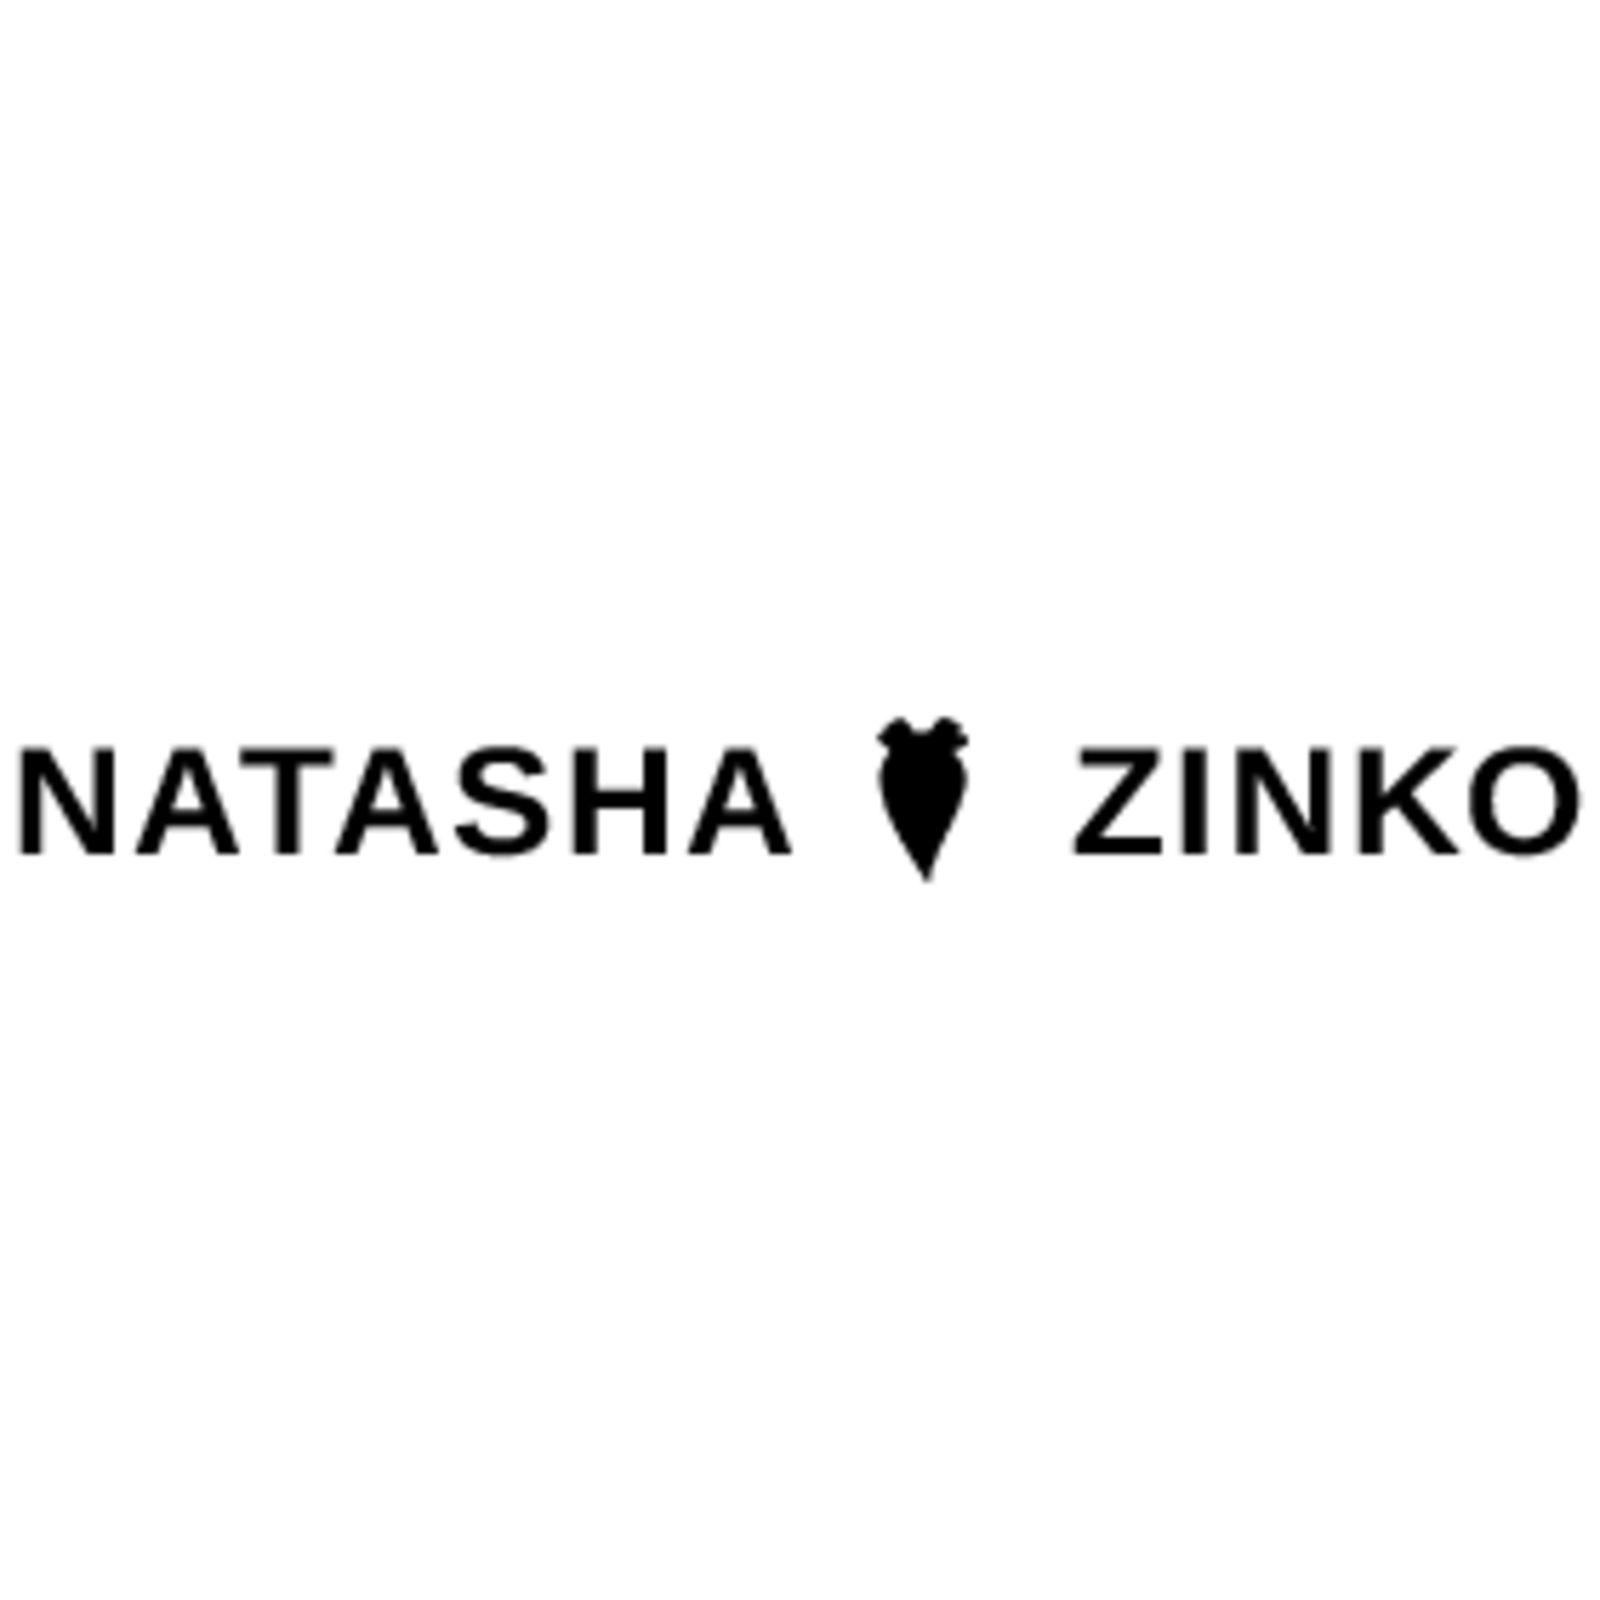 NATASHA ZINKO